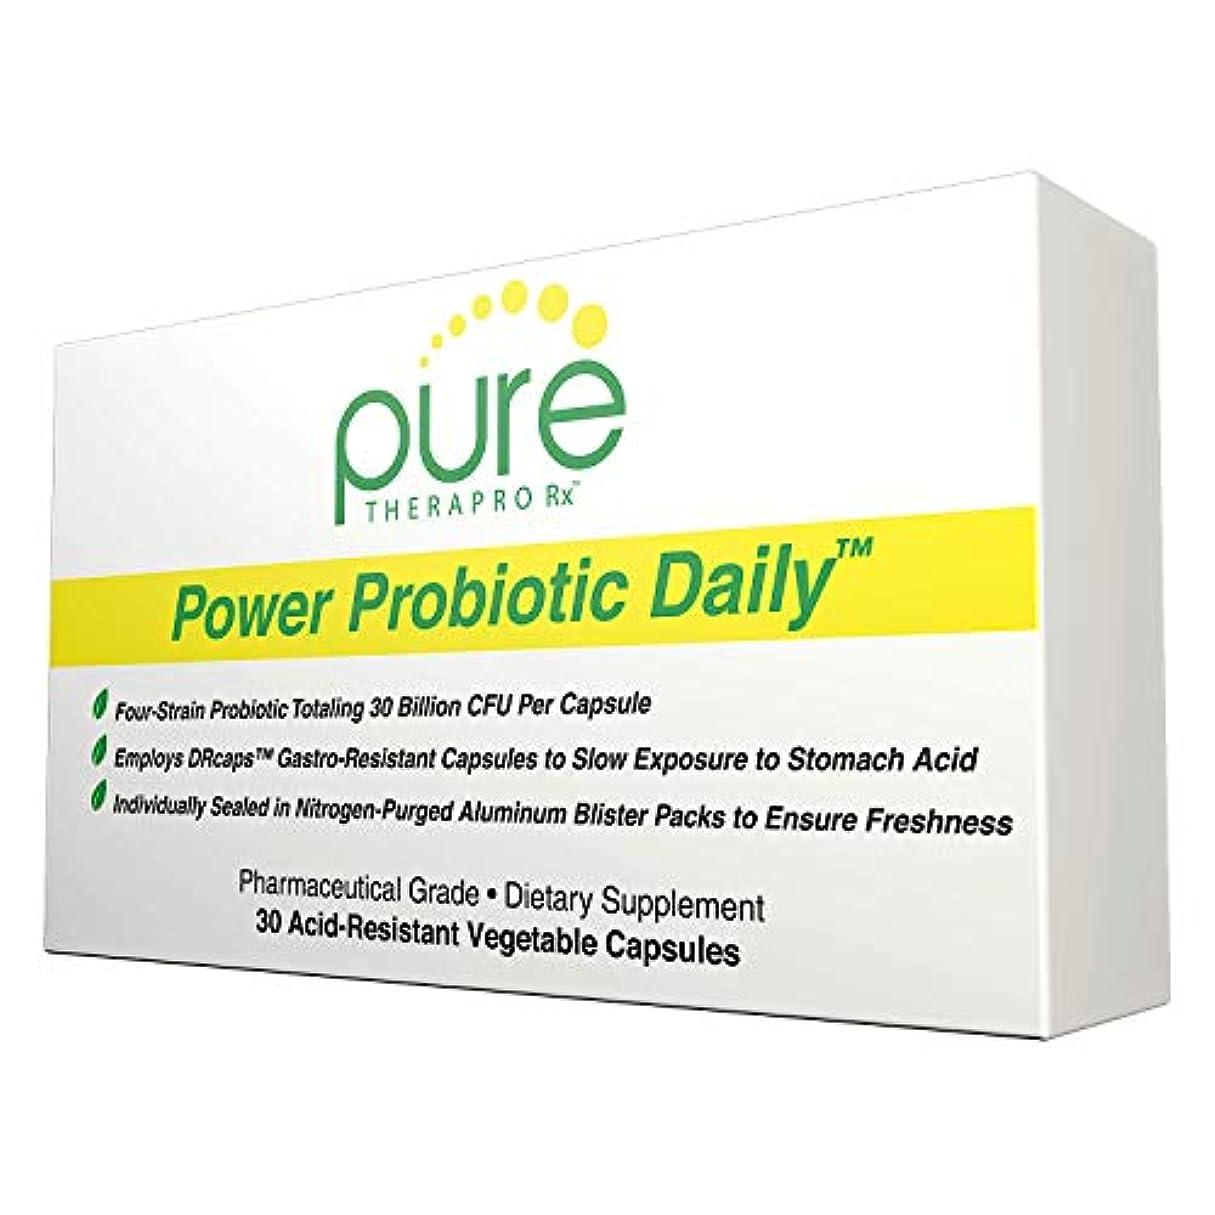 隣人タイピストディンカルビルPure Therapro Rx Power Probiotic Daily Total 30 Billion CFU 30 Acid-Resistant Vcaps